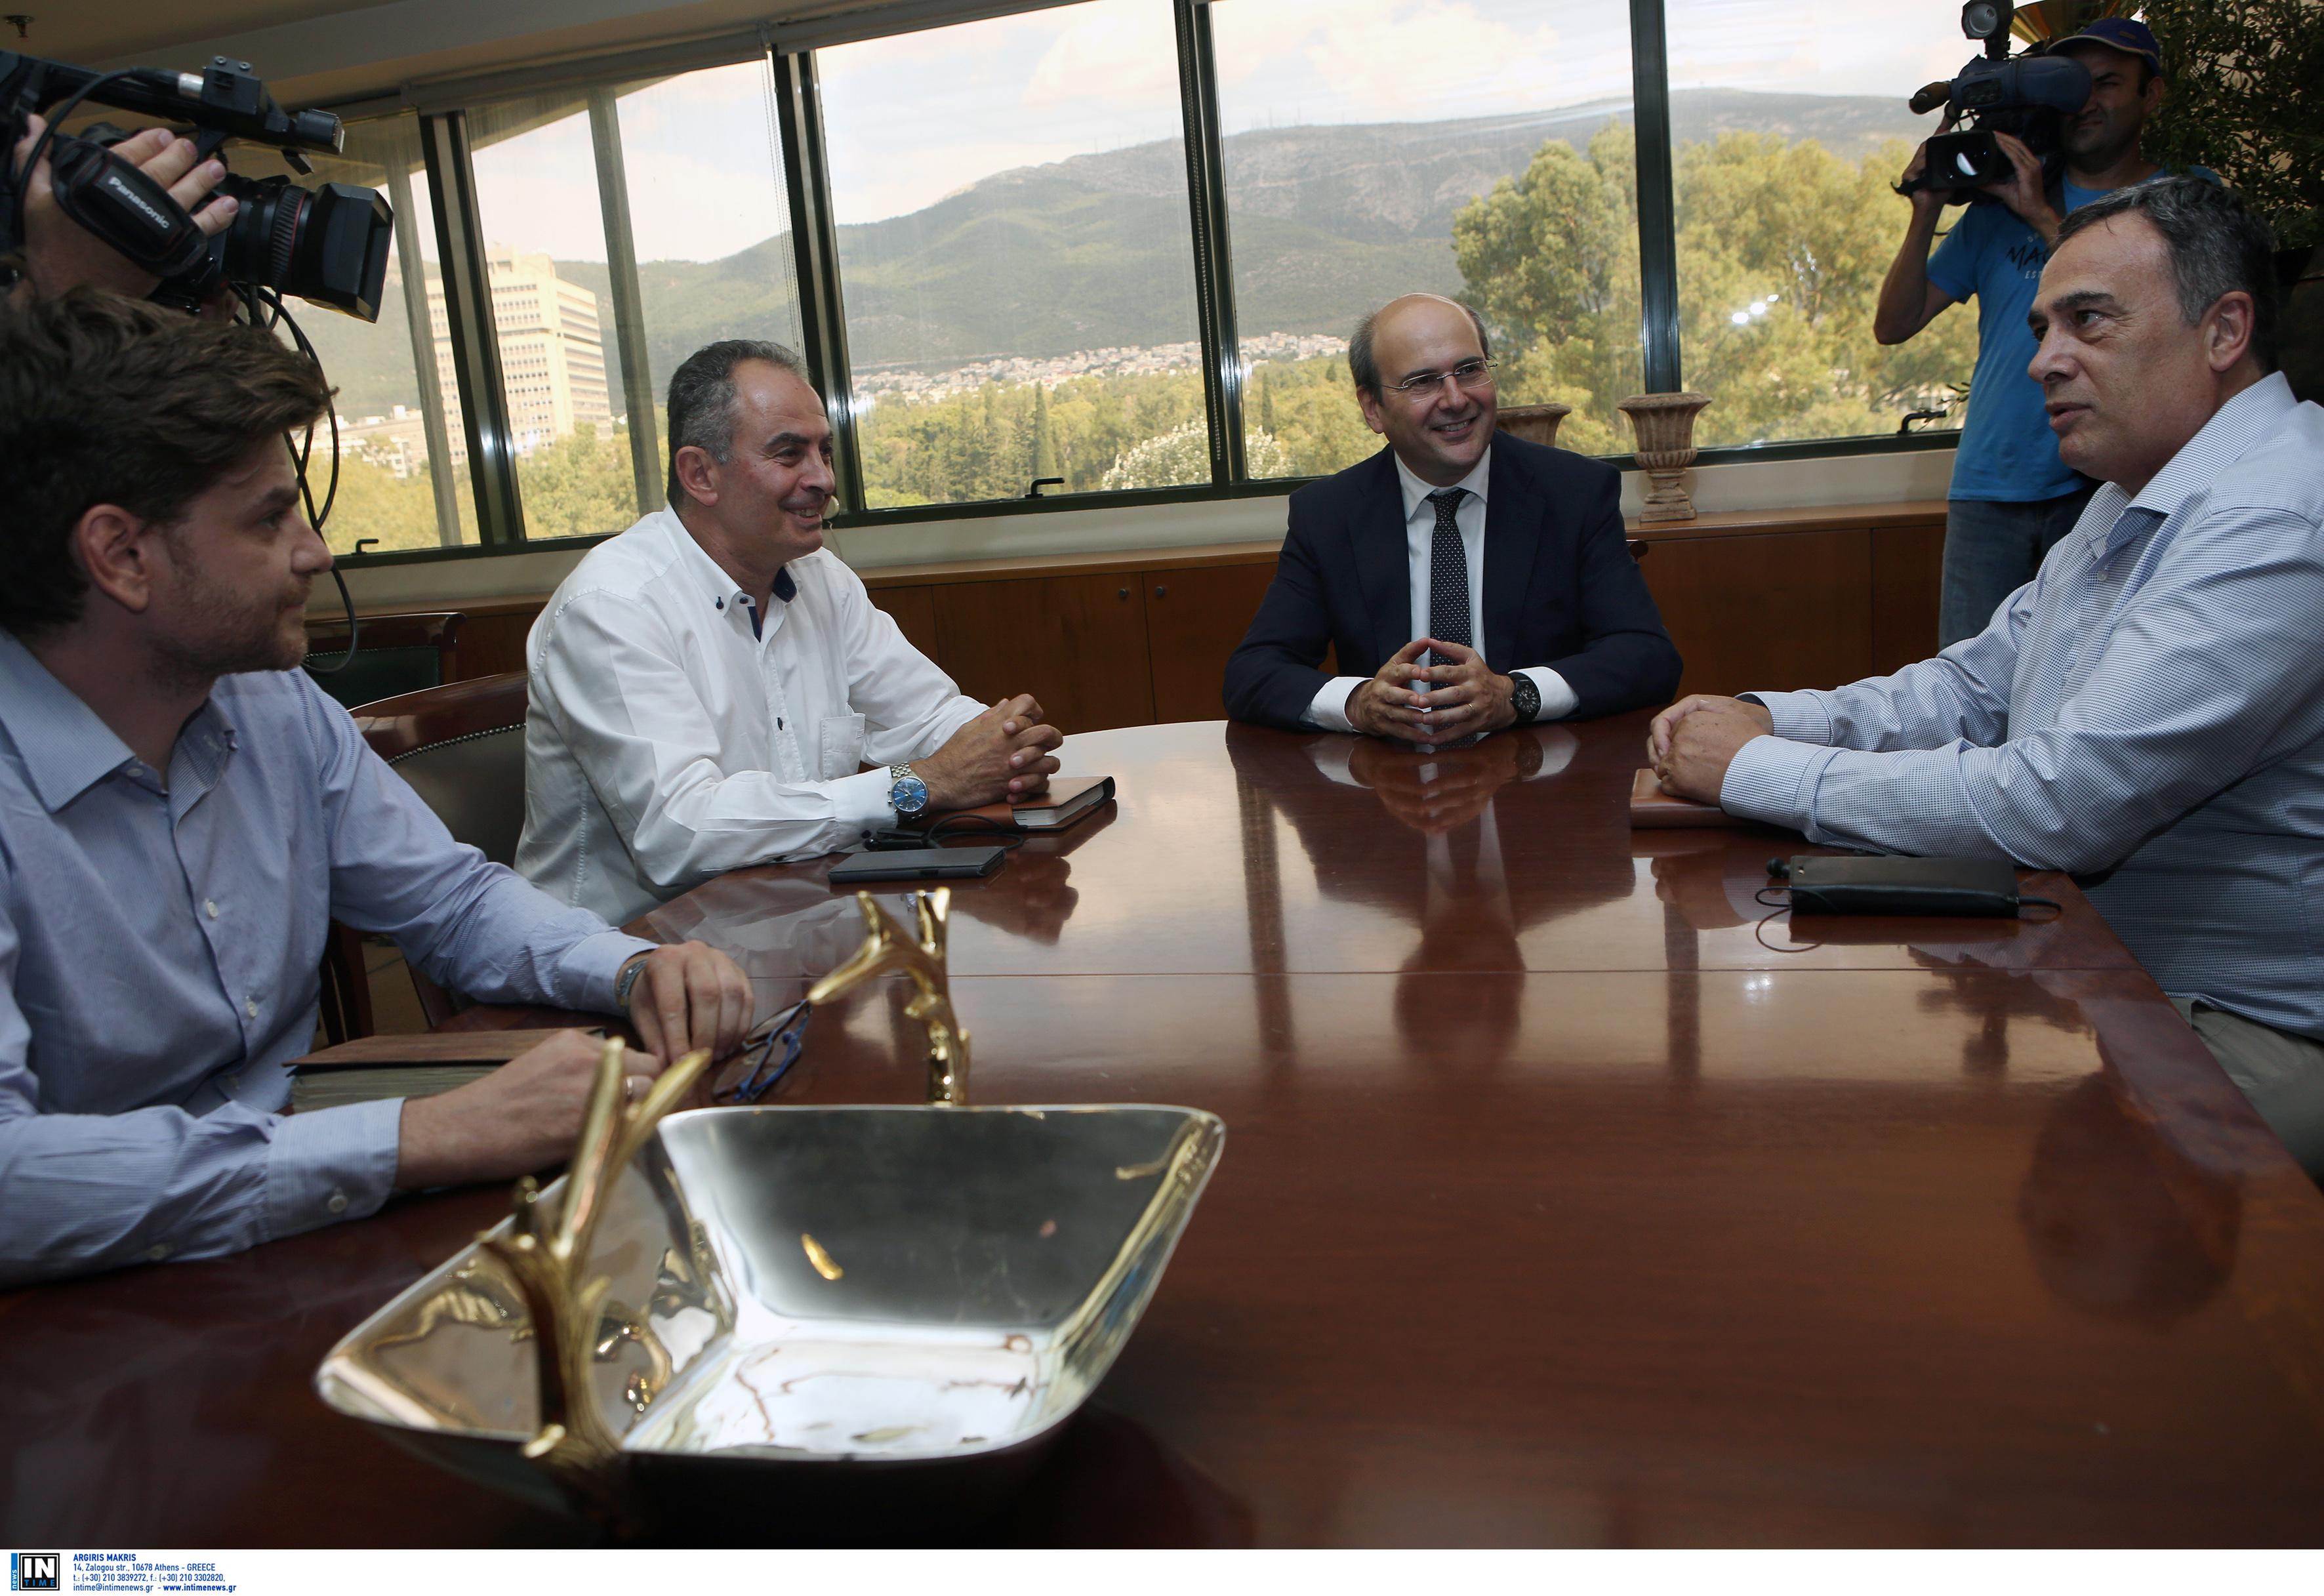 ΓΕΝΟΠ – ΔΕΗ: Το ζήτημα της ΔΕΗ, είναι εθνικό ζήτημα – Συνάντηση με Χατζηδάκη